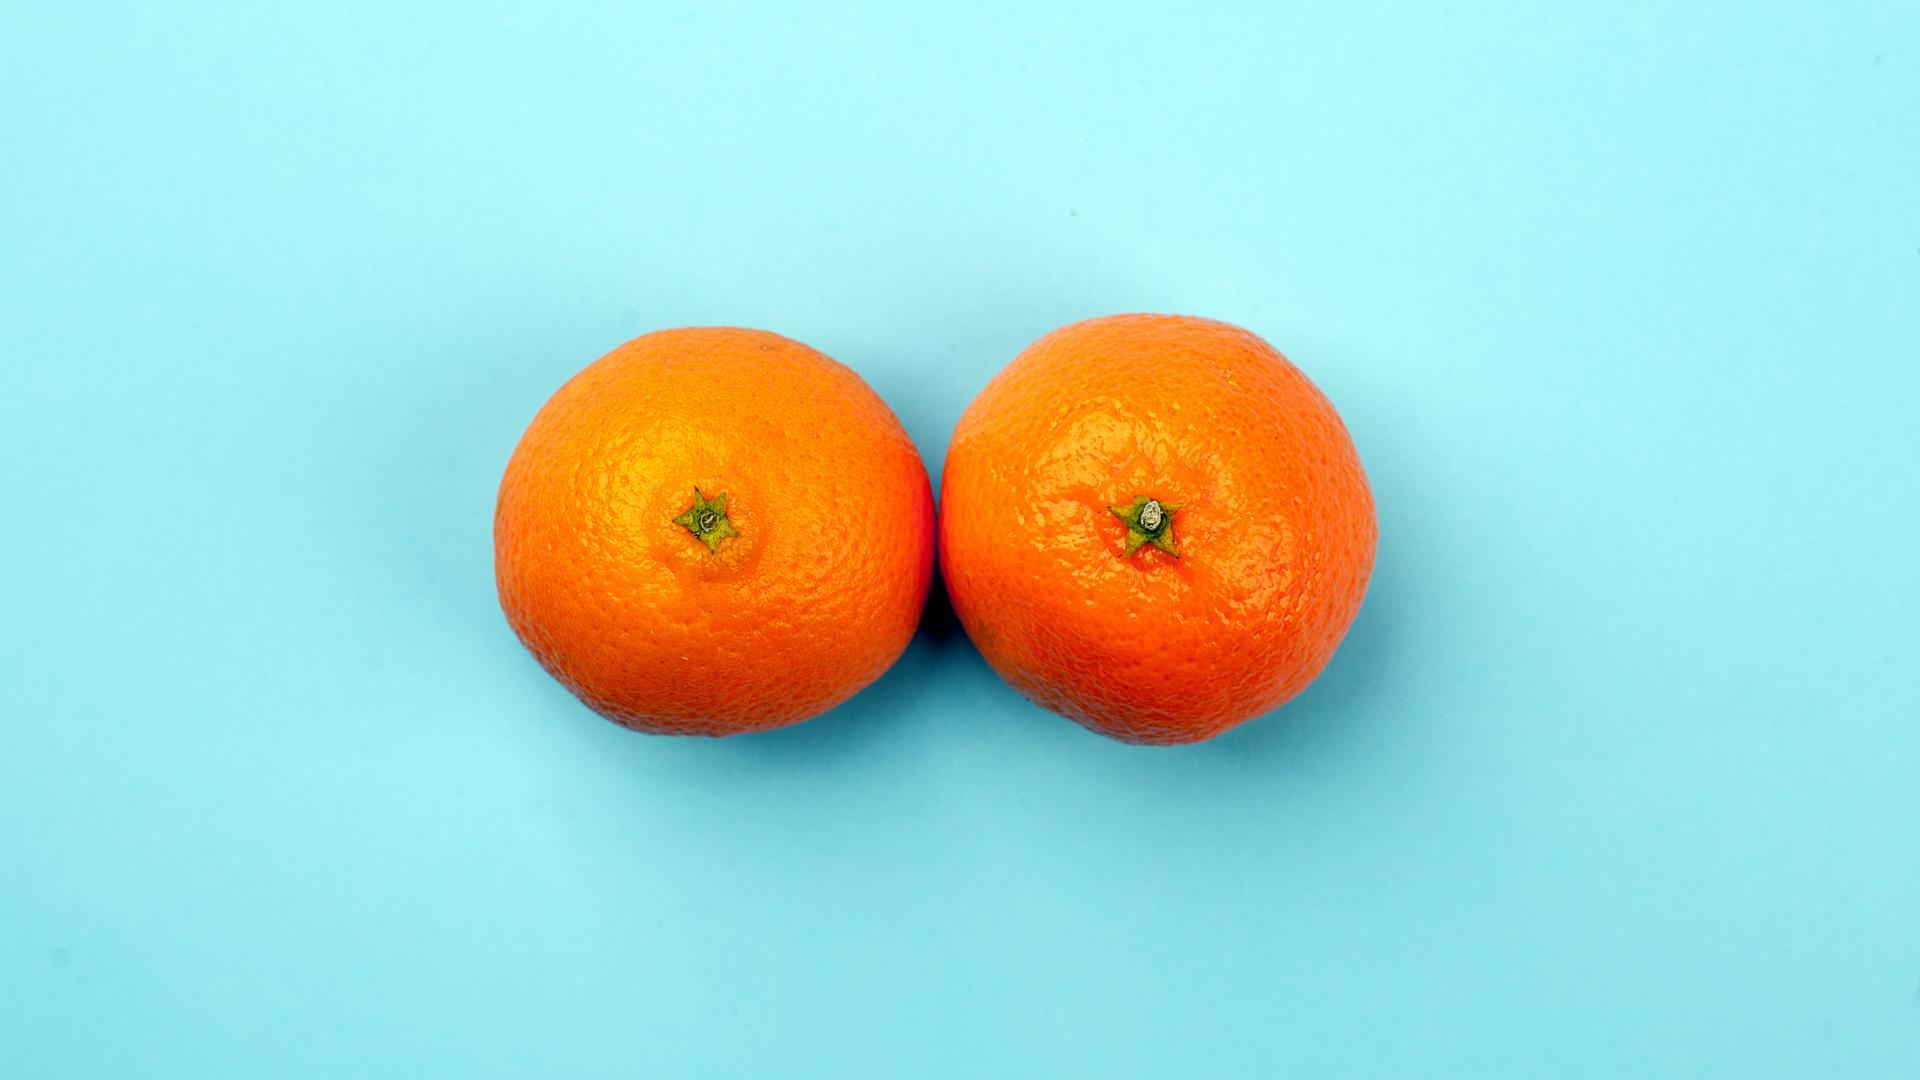 Obst aka. Nippel